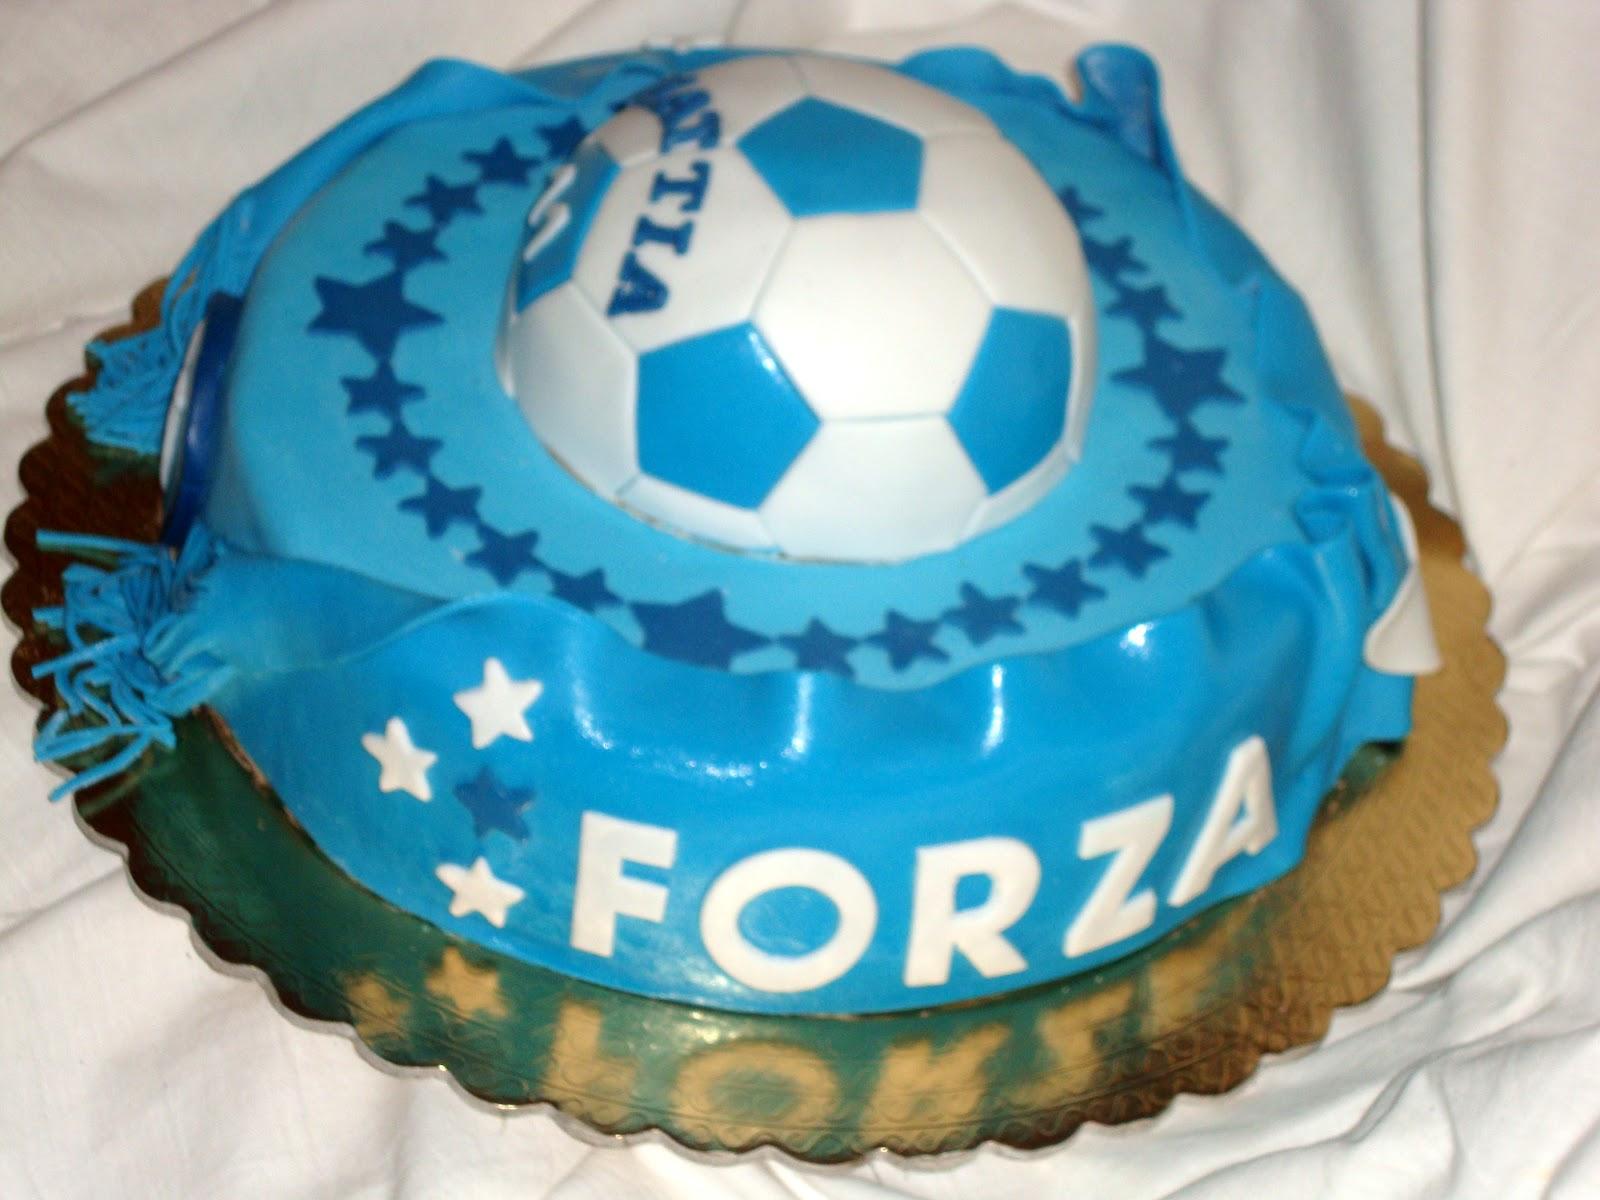 Very's Cake: Forza napoli 2